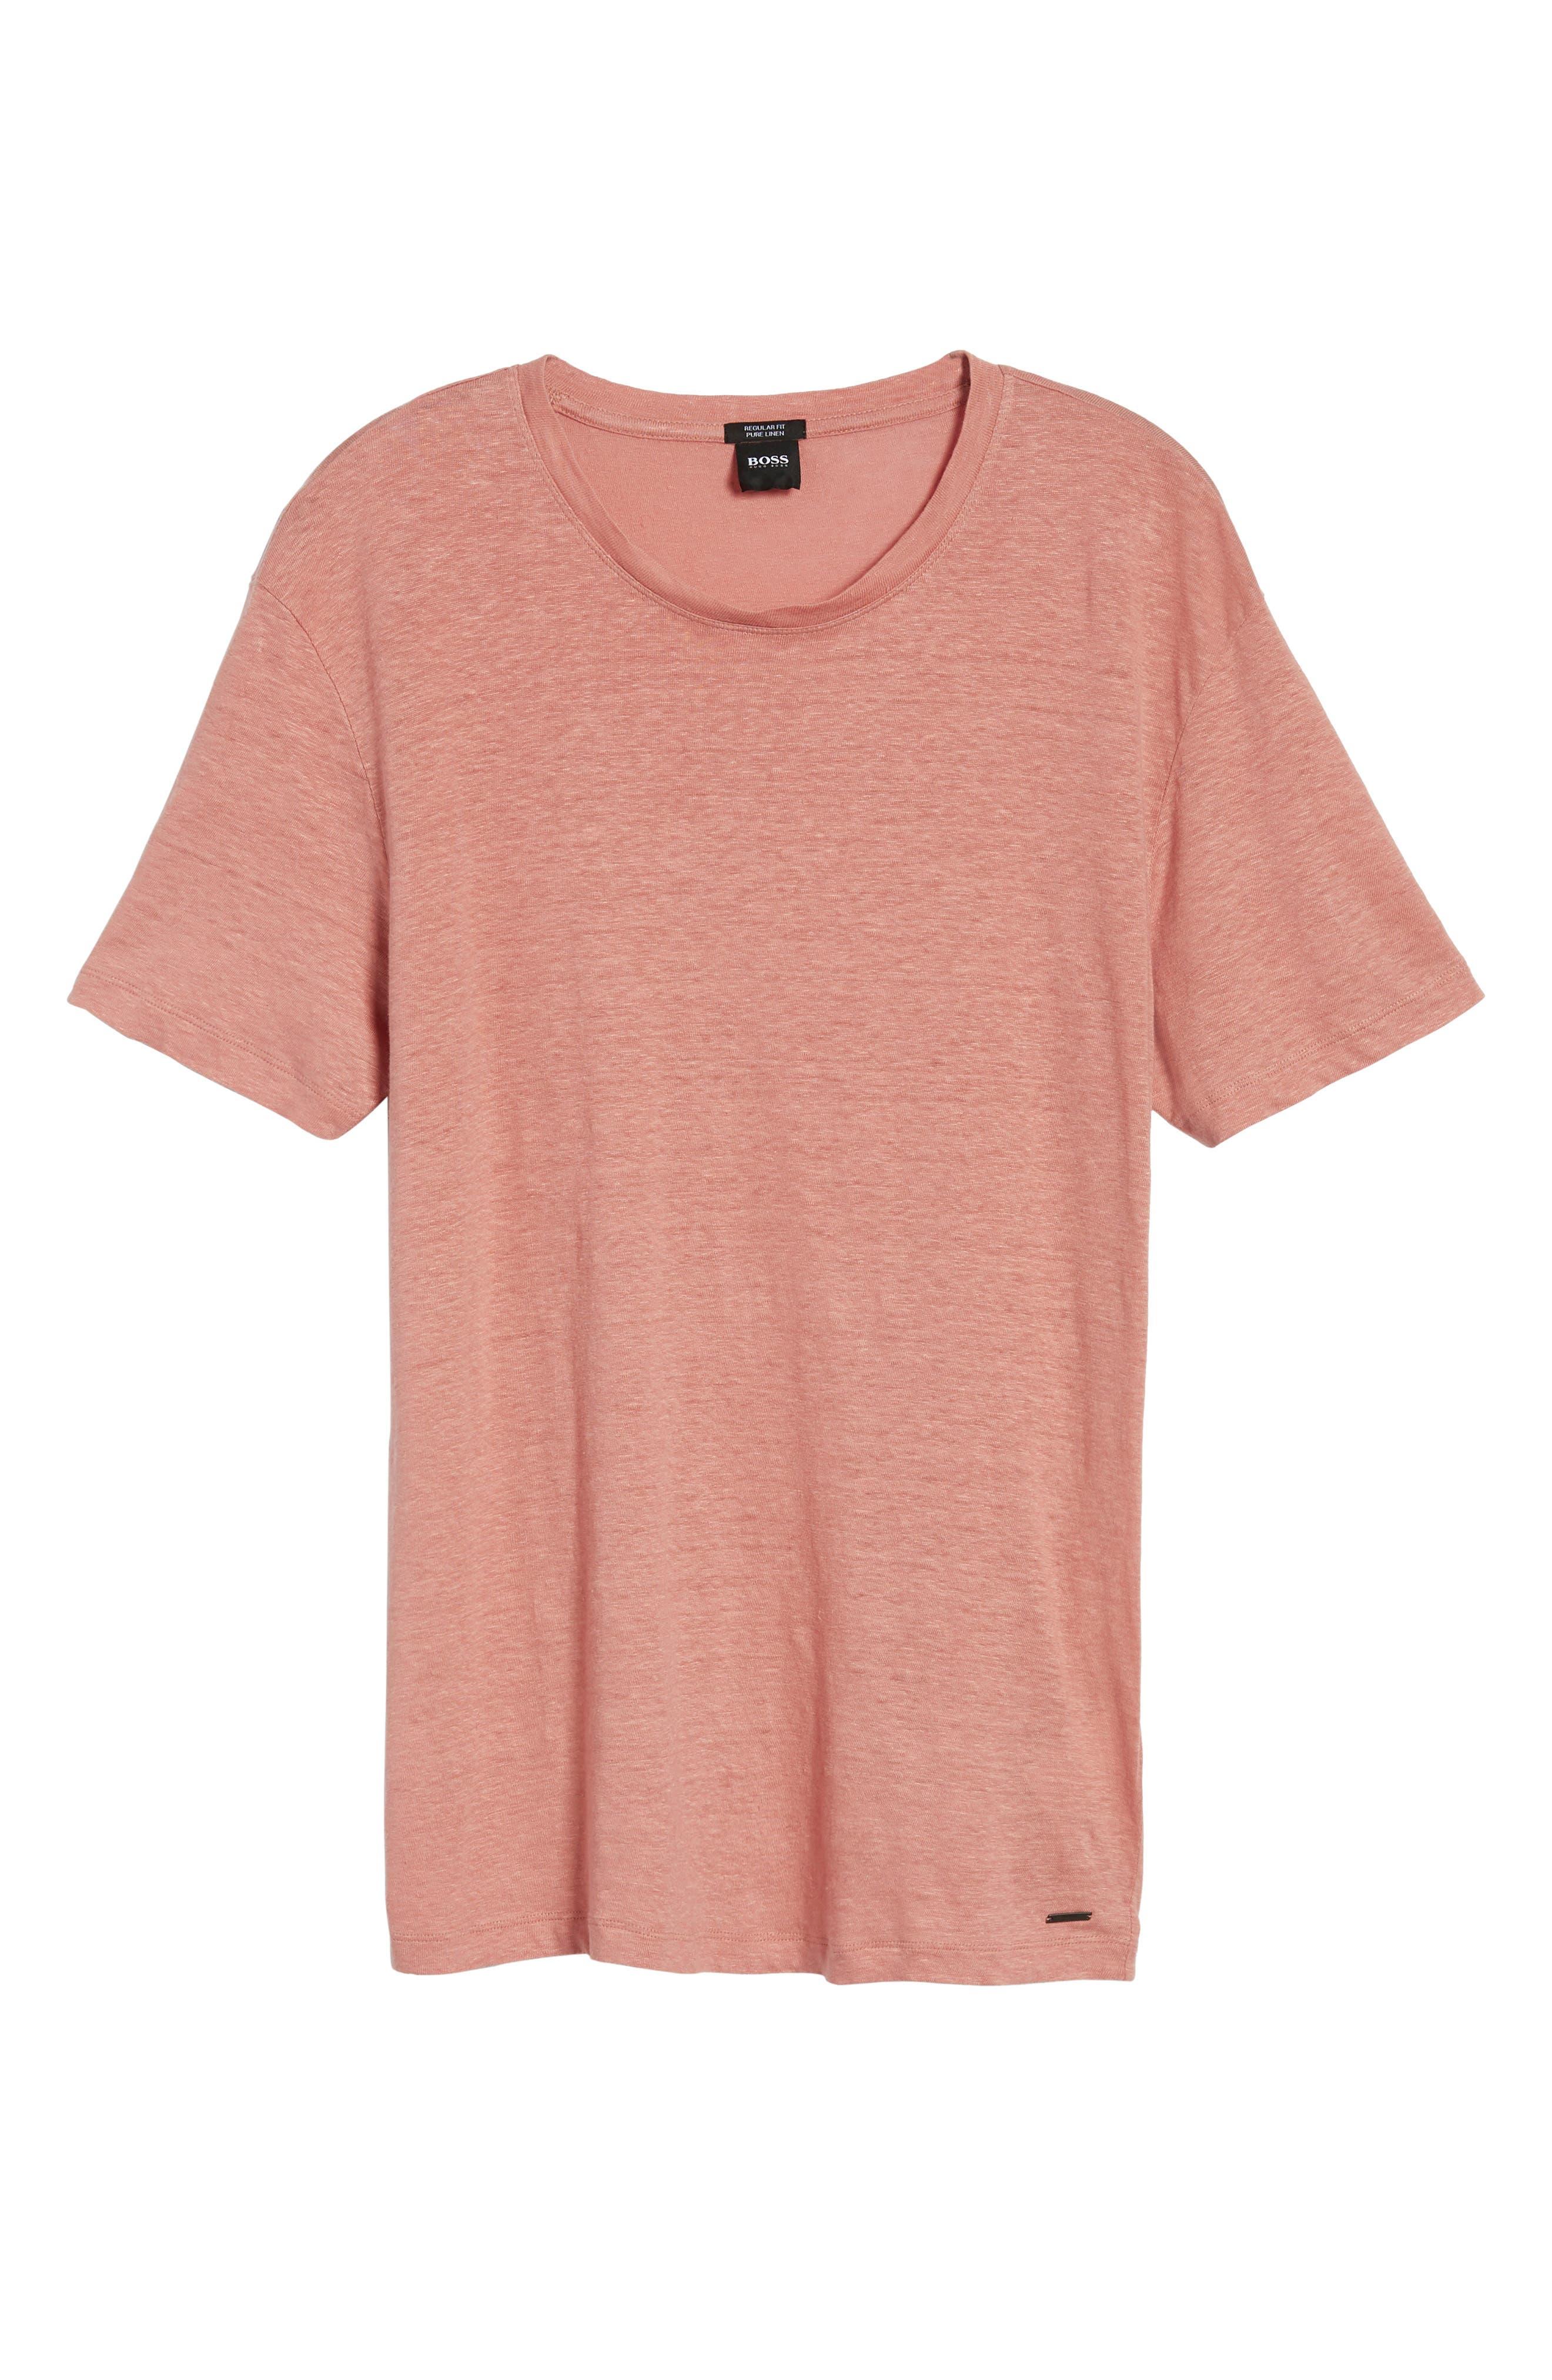 Hugo Boss Tiburt Linen T-Shirt,                             Alternate thumbnail 6, color,                             631